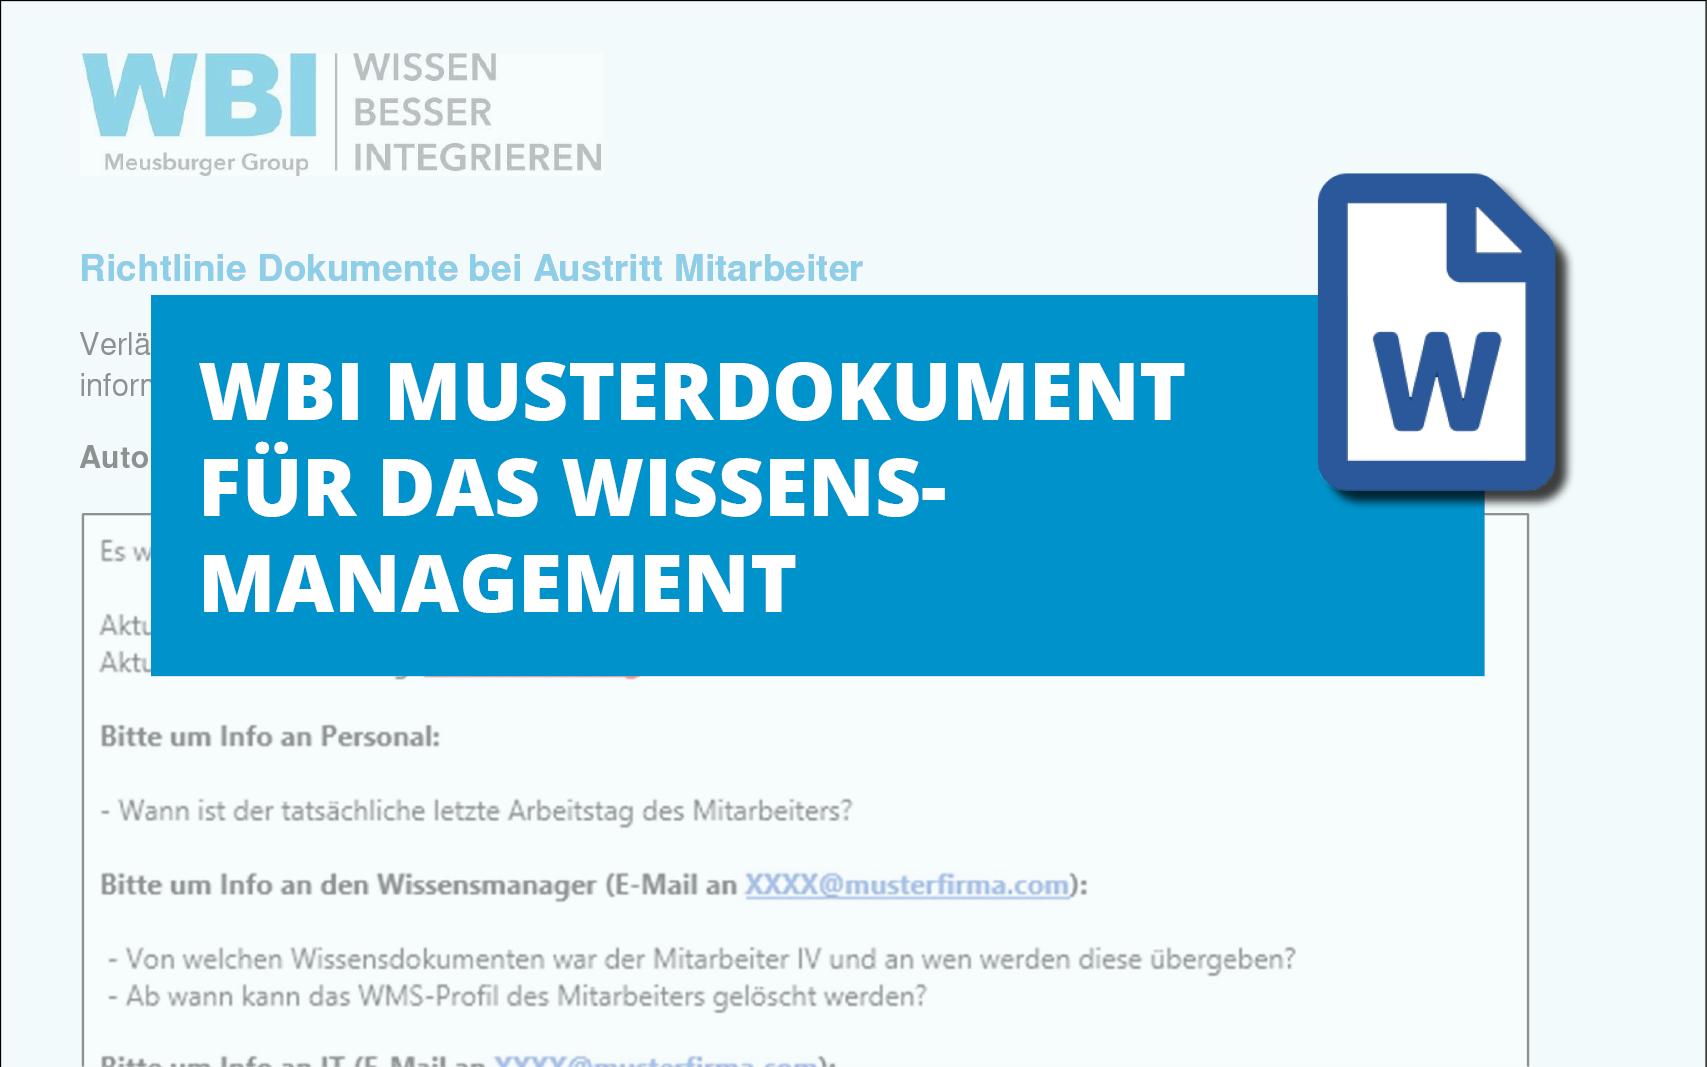 wbi-handout-richtlinien-dokumente-bei-austritt-mitarbeiter